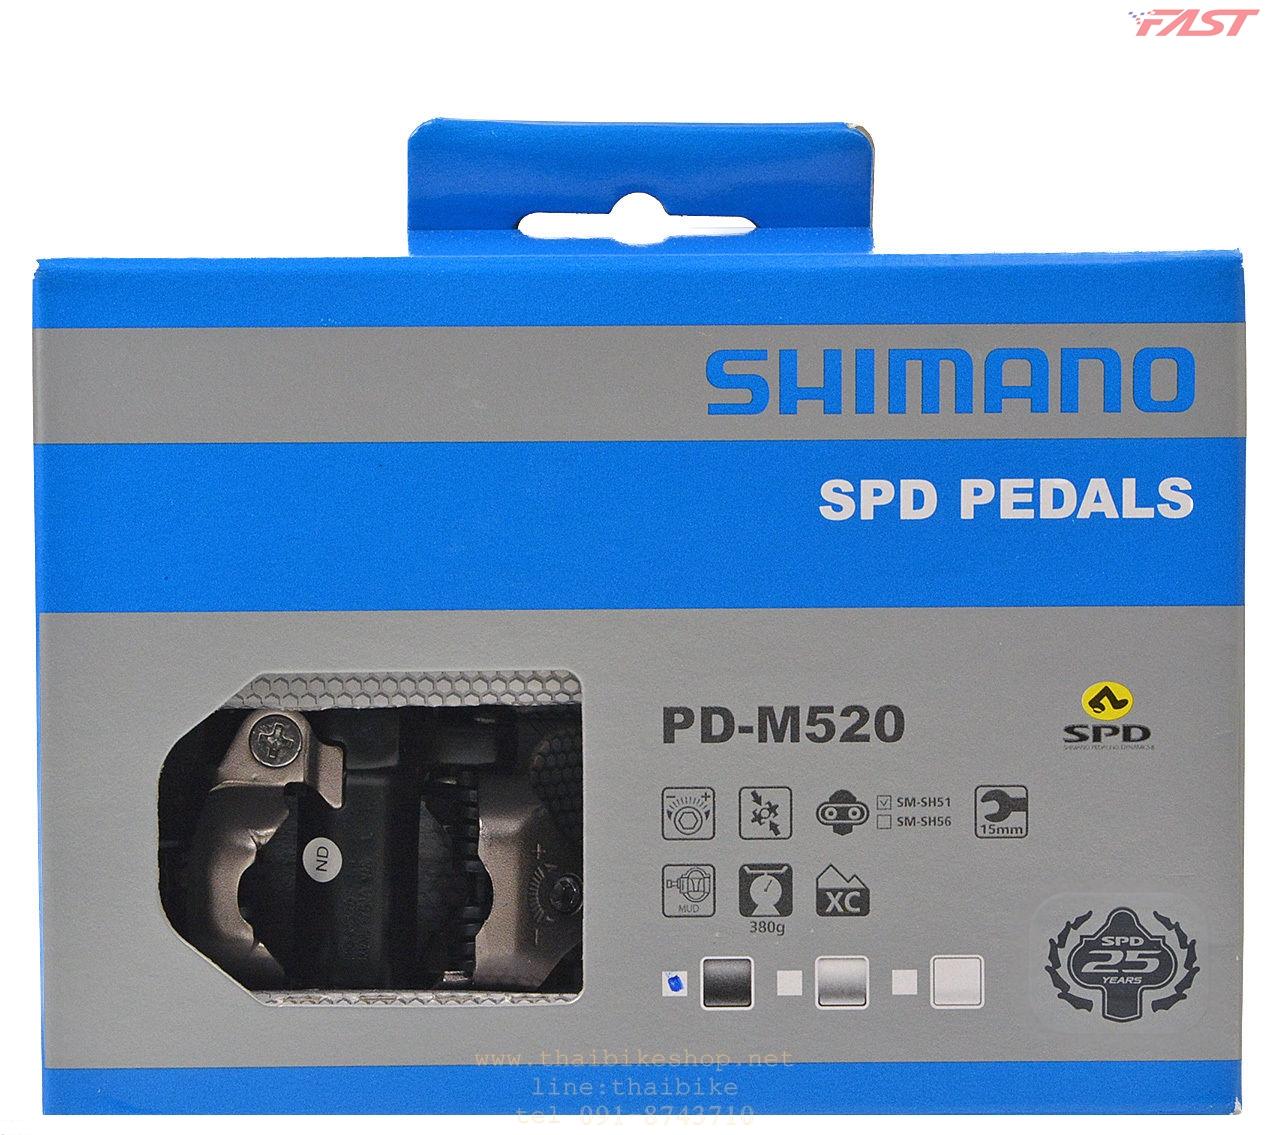 บันใดชิมาโน่(SHIMANO) PD-M520, สีดำ, สีเงิน พร้อมคลีท, ไม่มีทับทิม